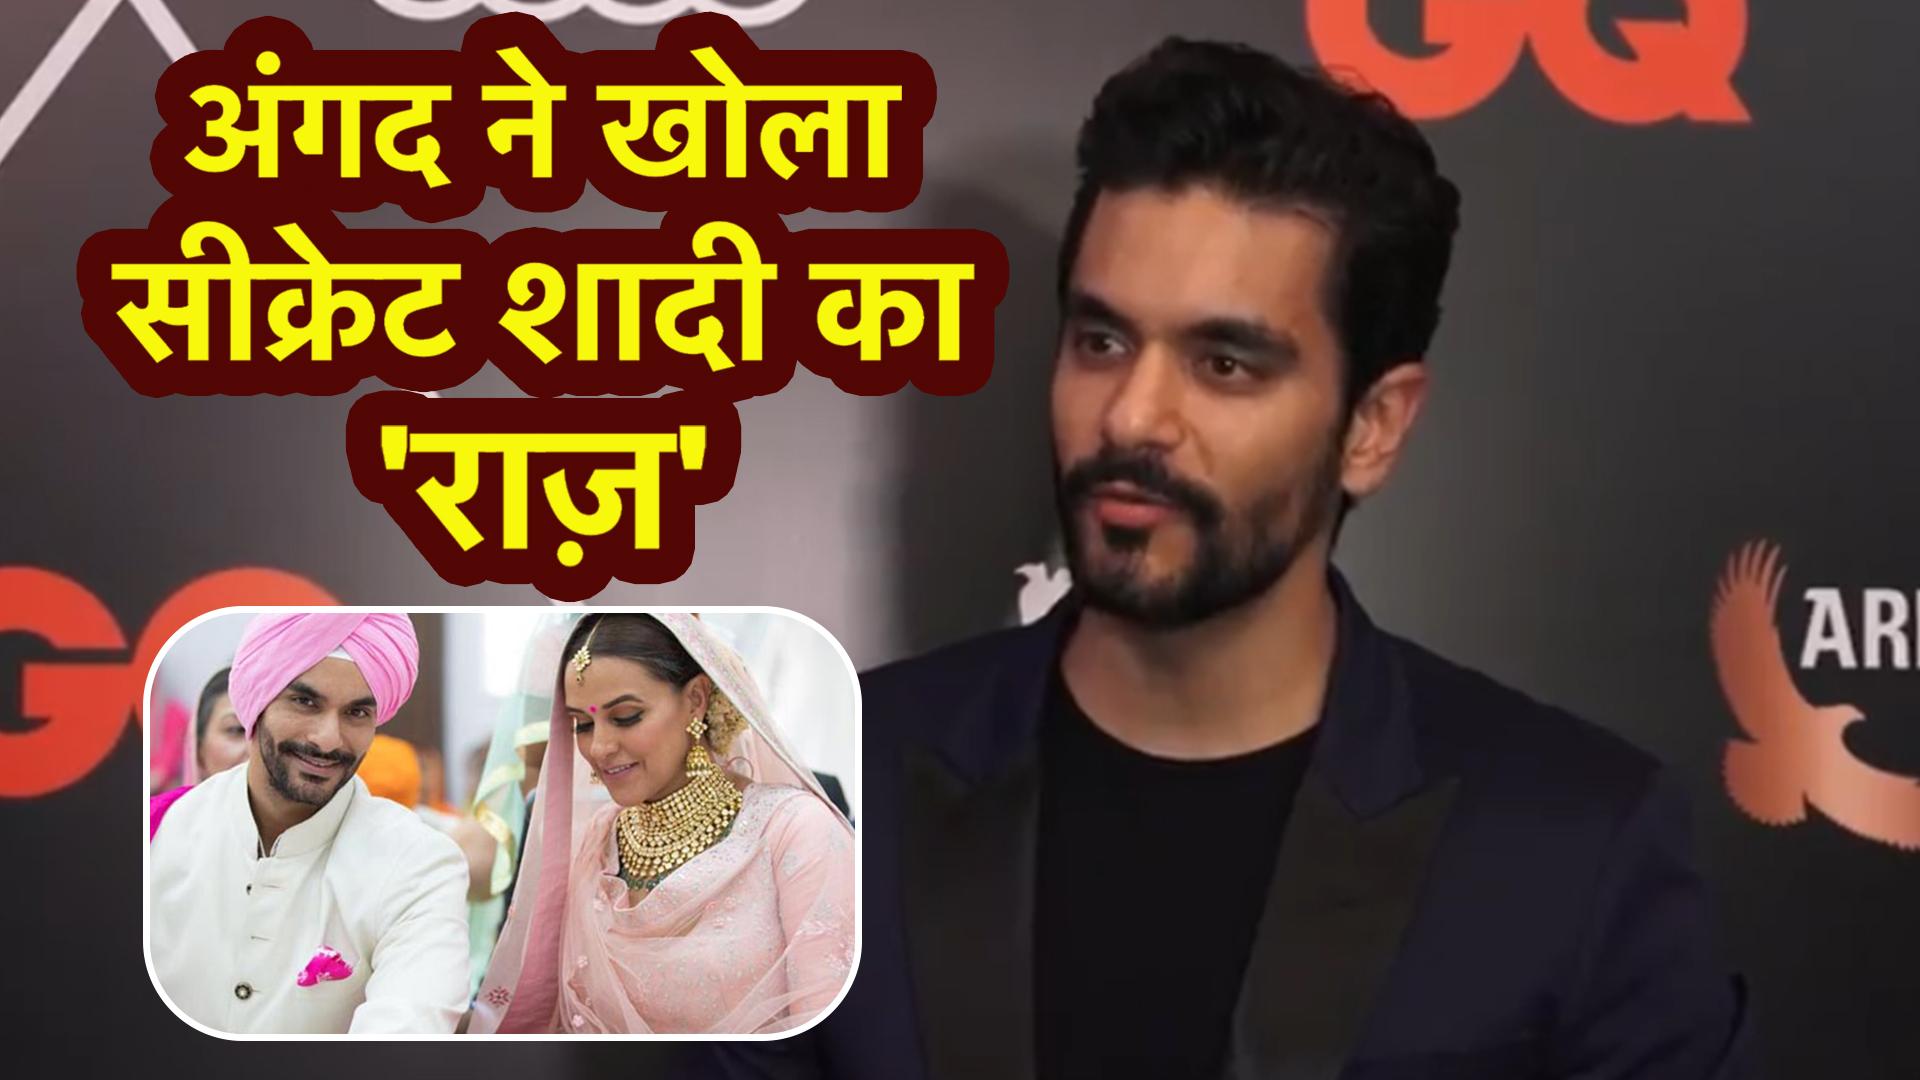 Video: अंगद बेदी ने बताया नेहा धूपिया से जल्दीबाज़ी में शादी करने का राज़